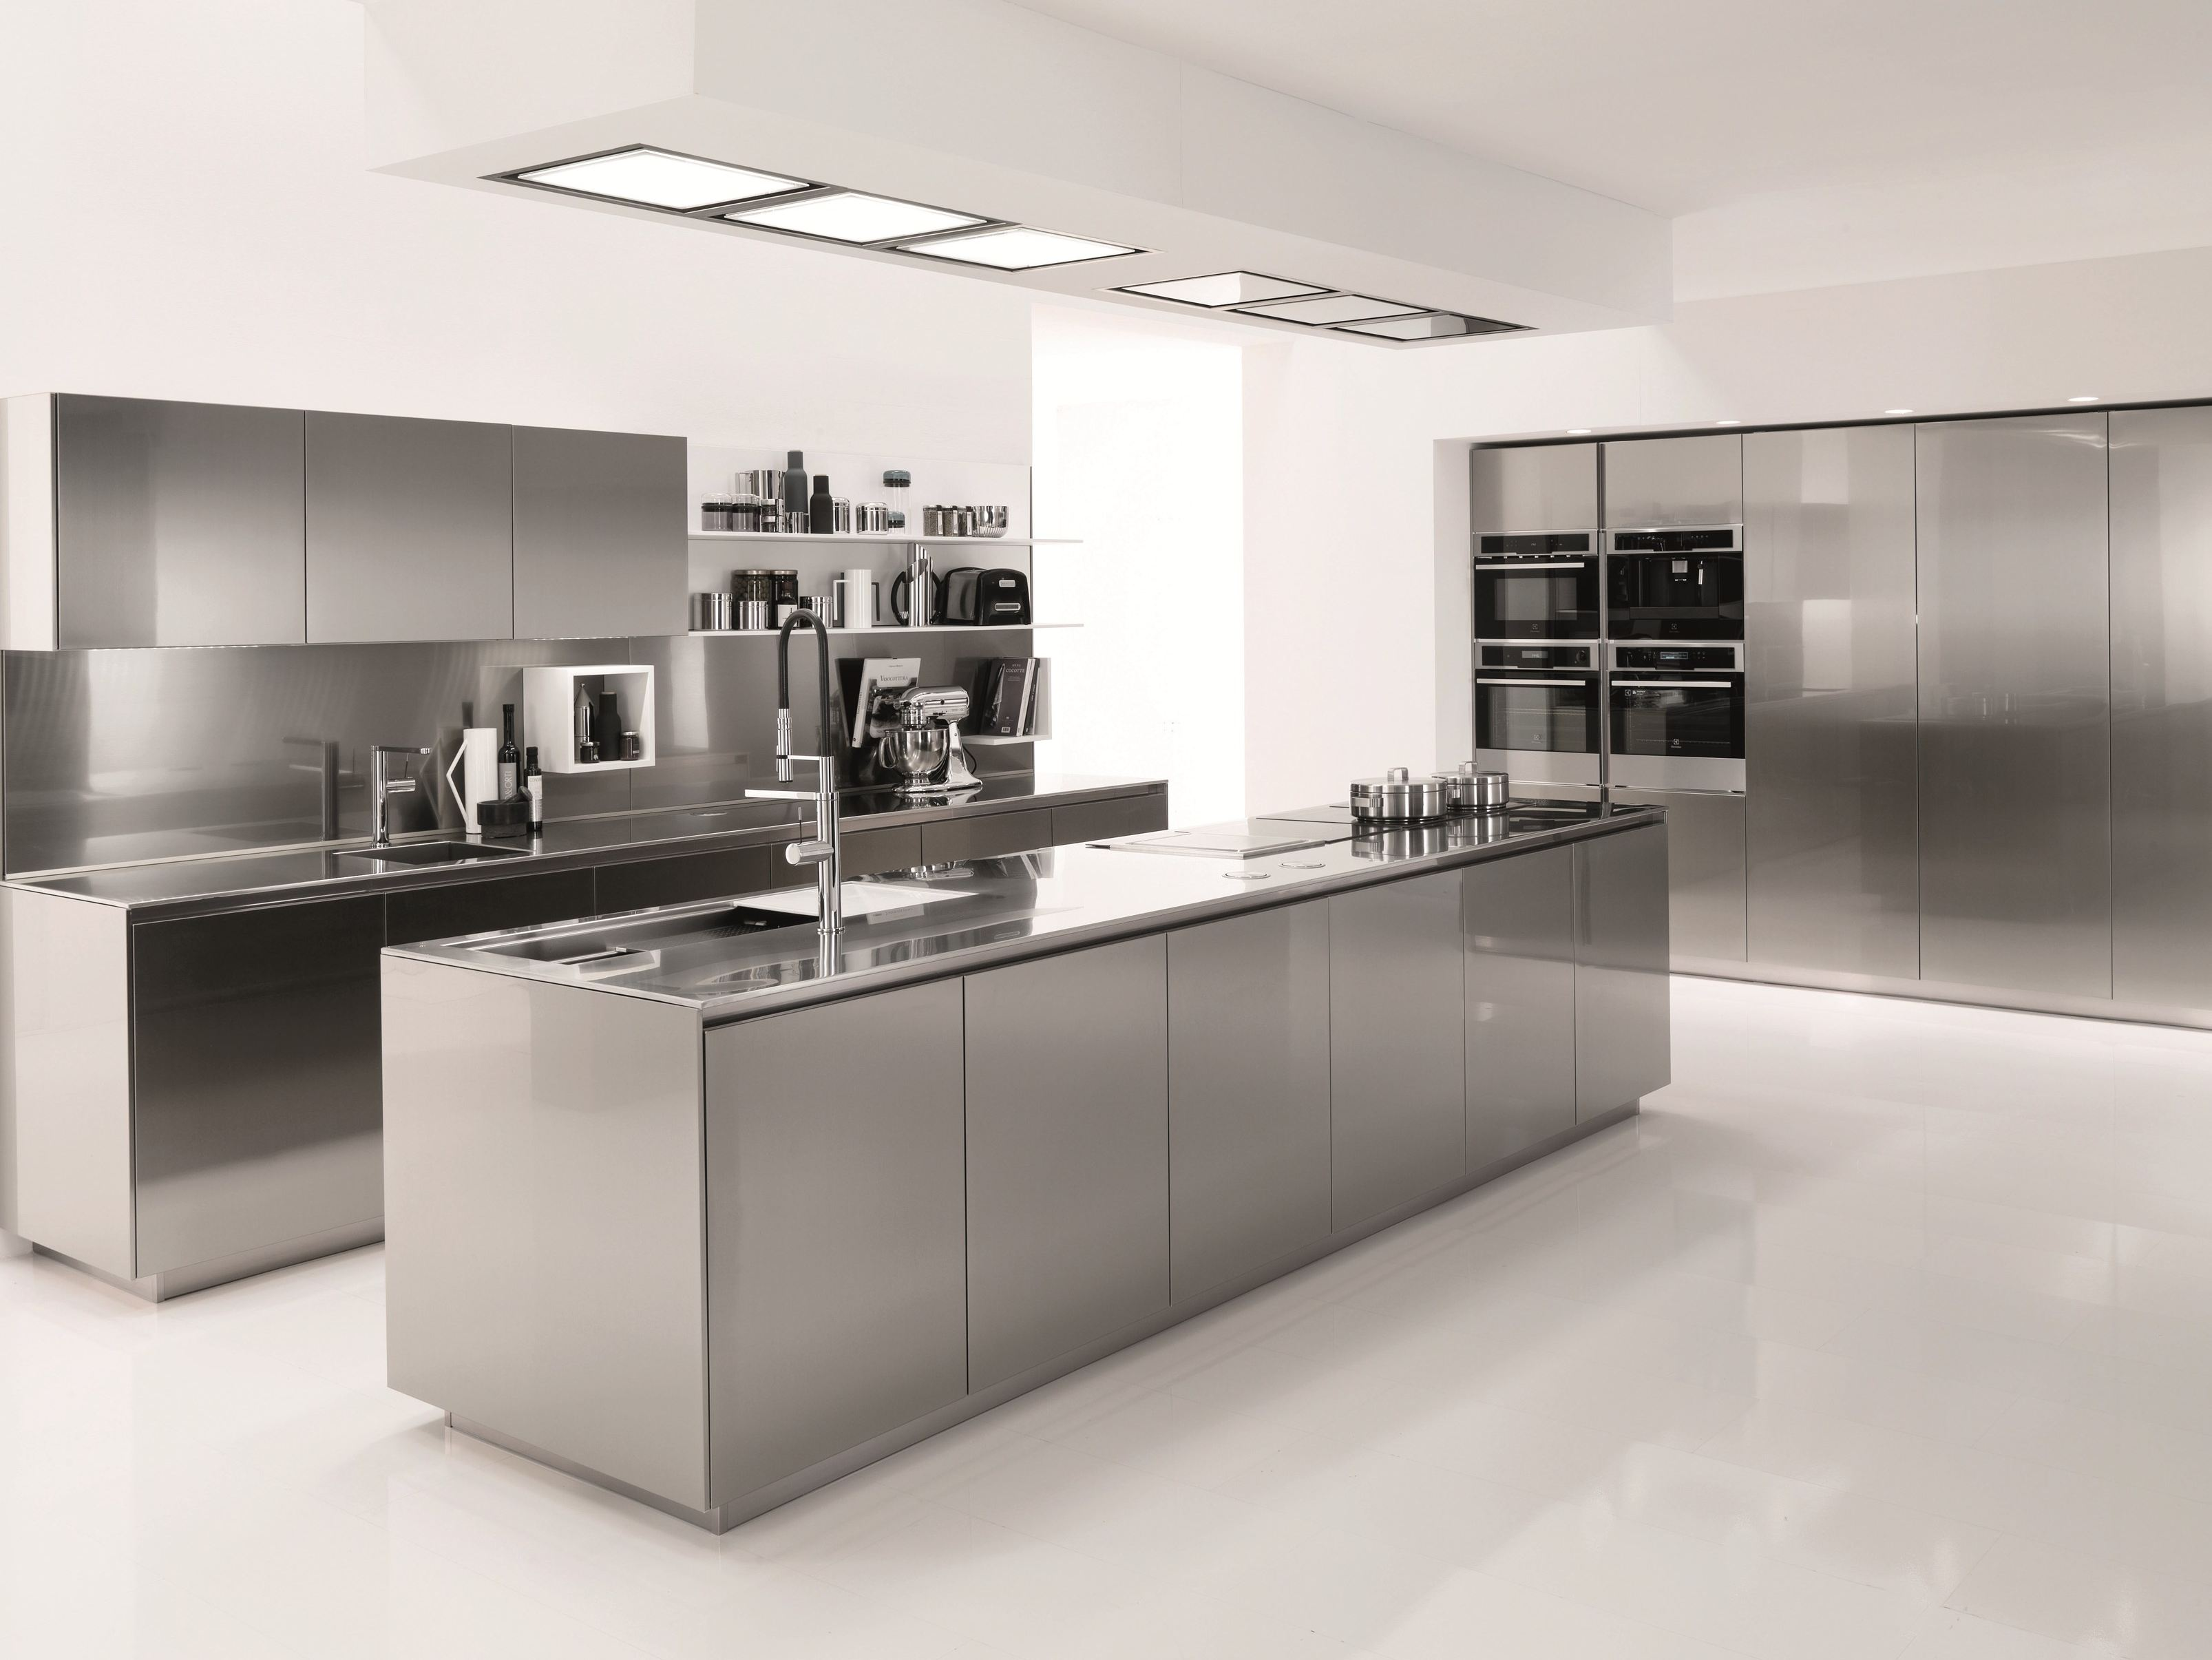 Küche aus Edelstahl für Gewerbe EGO By ABIMIS Design Alberto Torsello | {Edelstahlplatte küche 0}